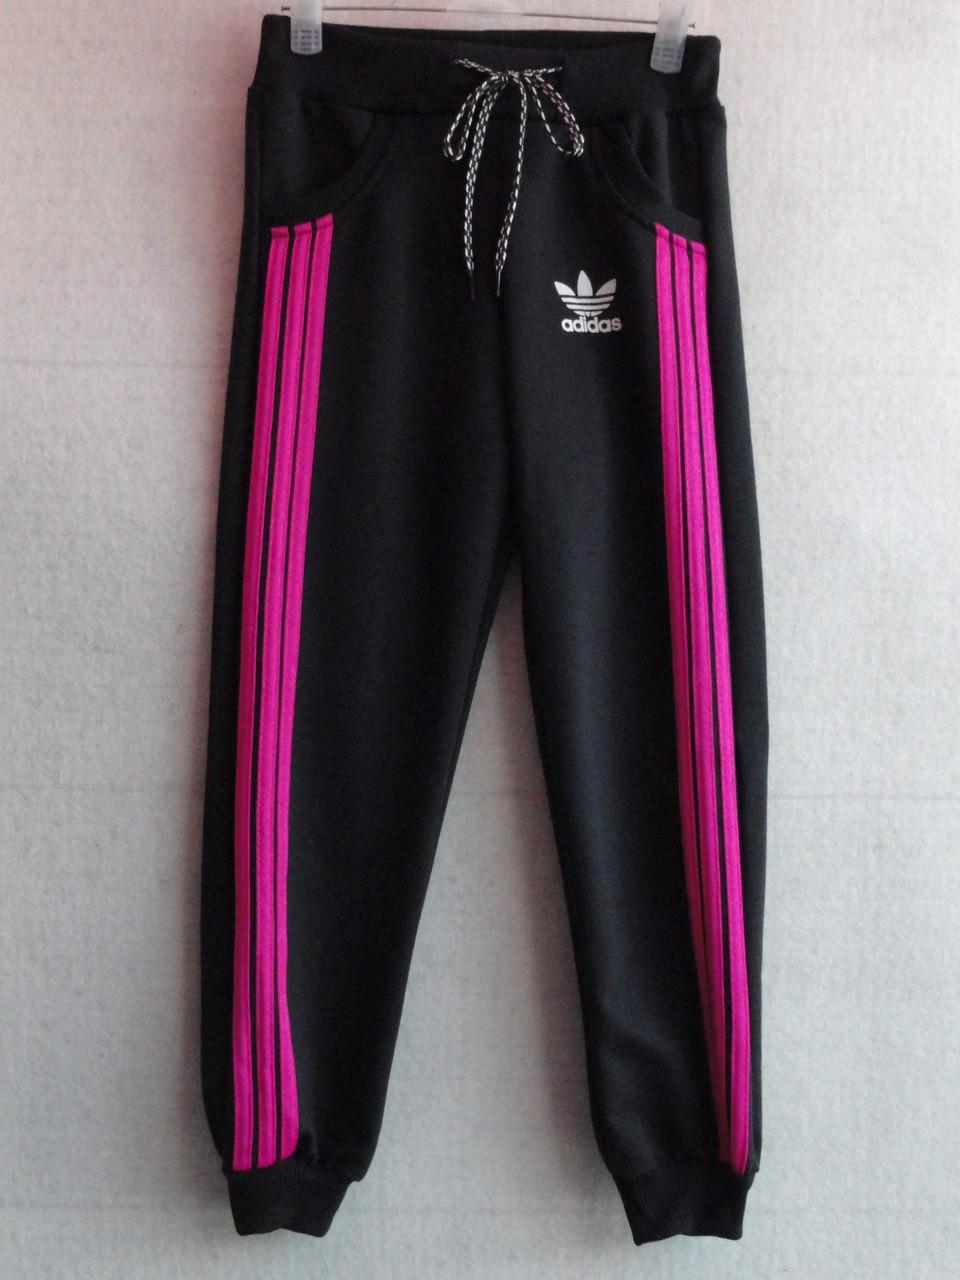 Детские спортивные штаны для девочки Adidas 1-5 лет